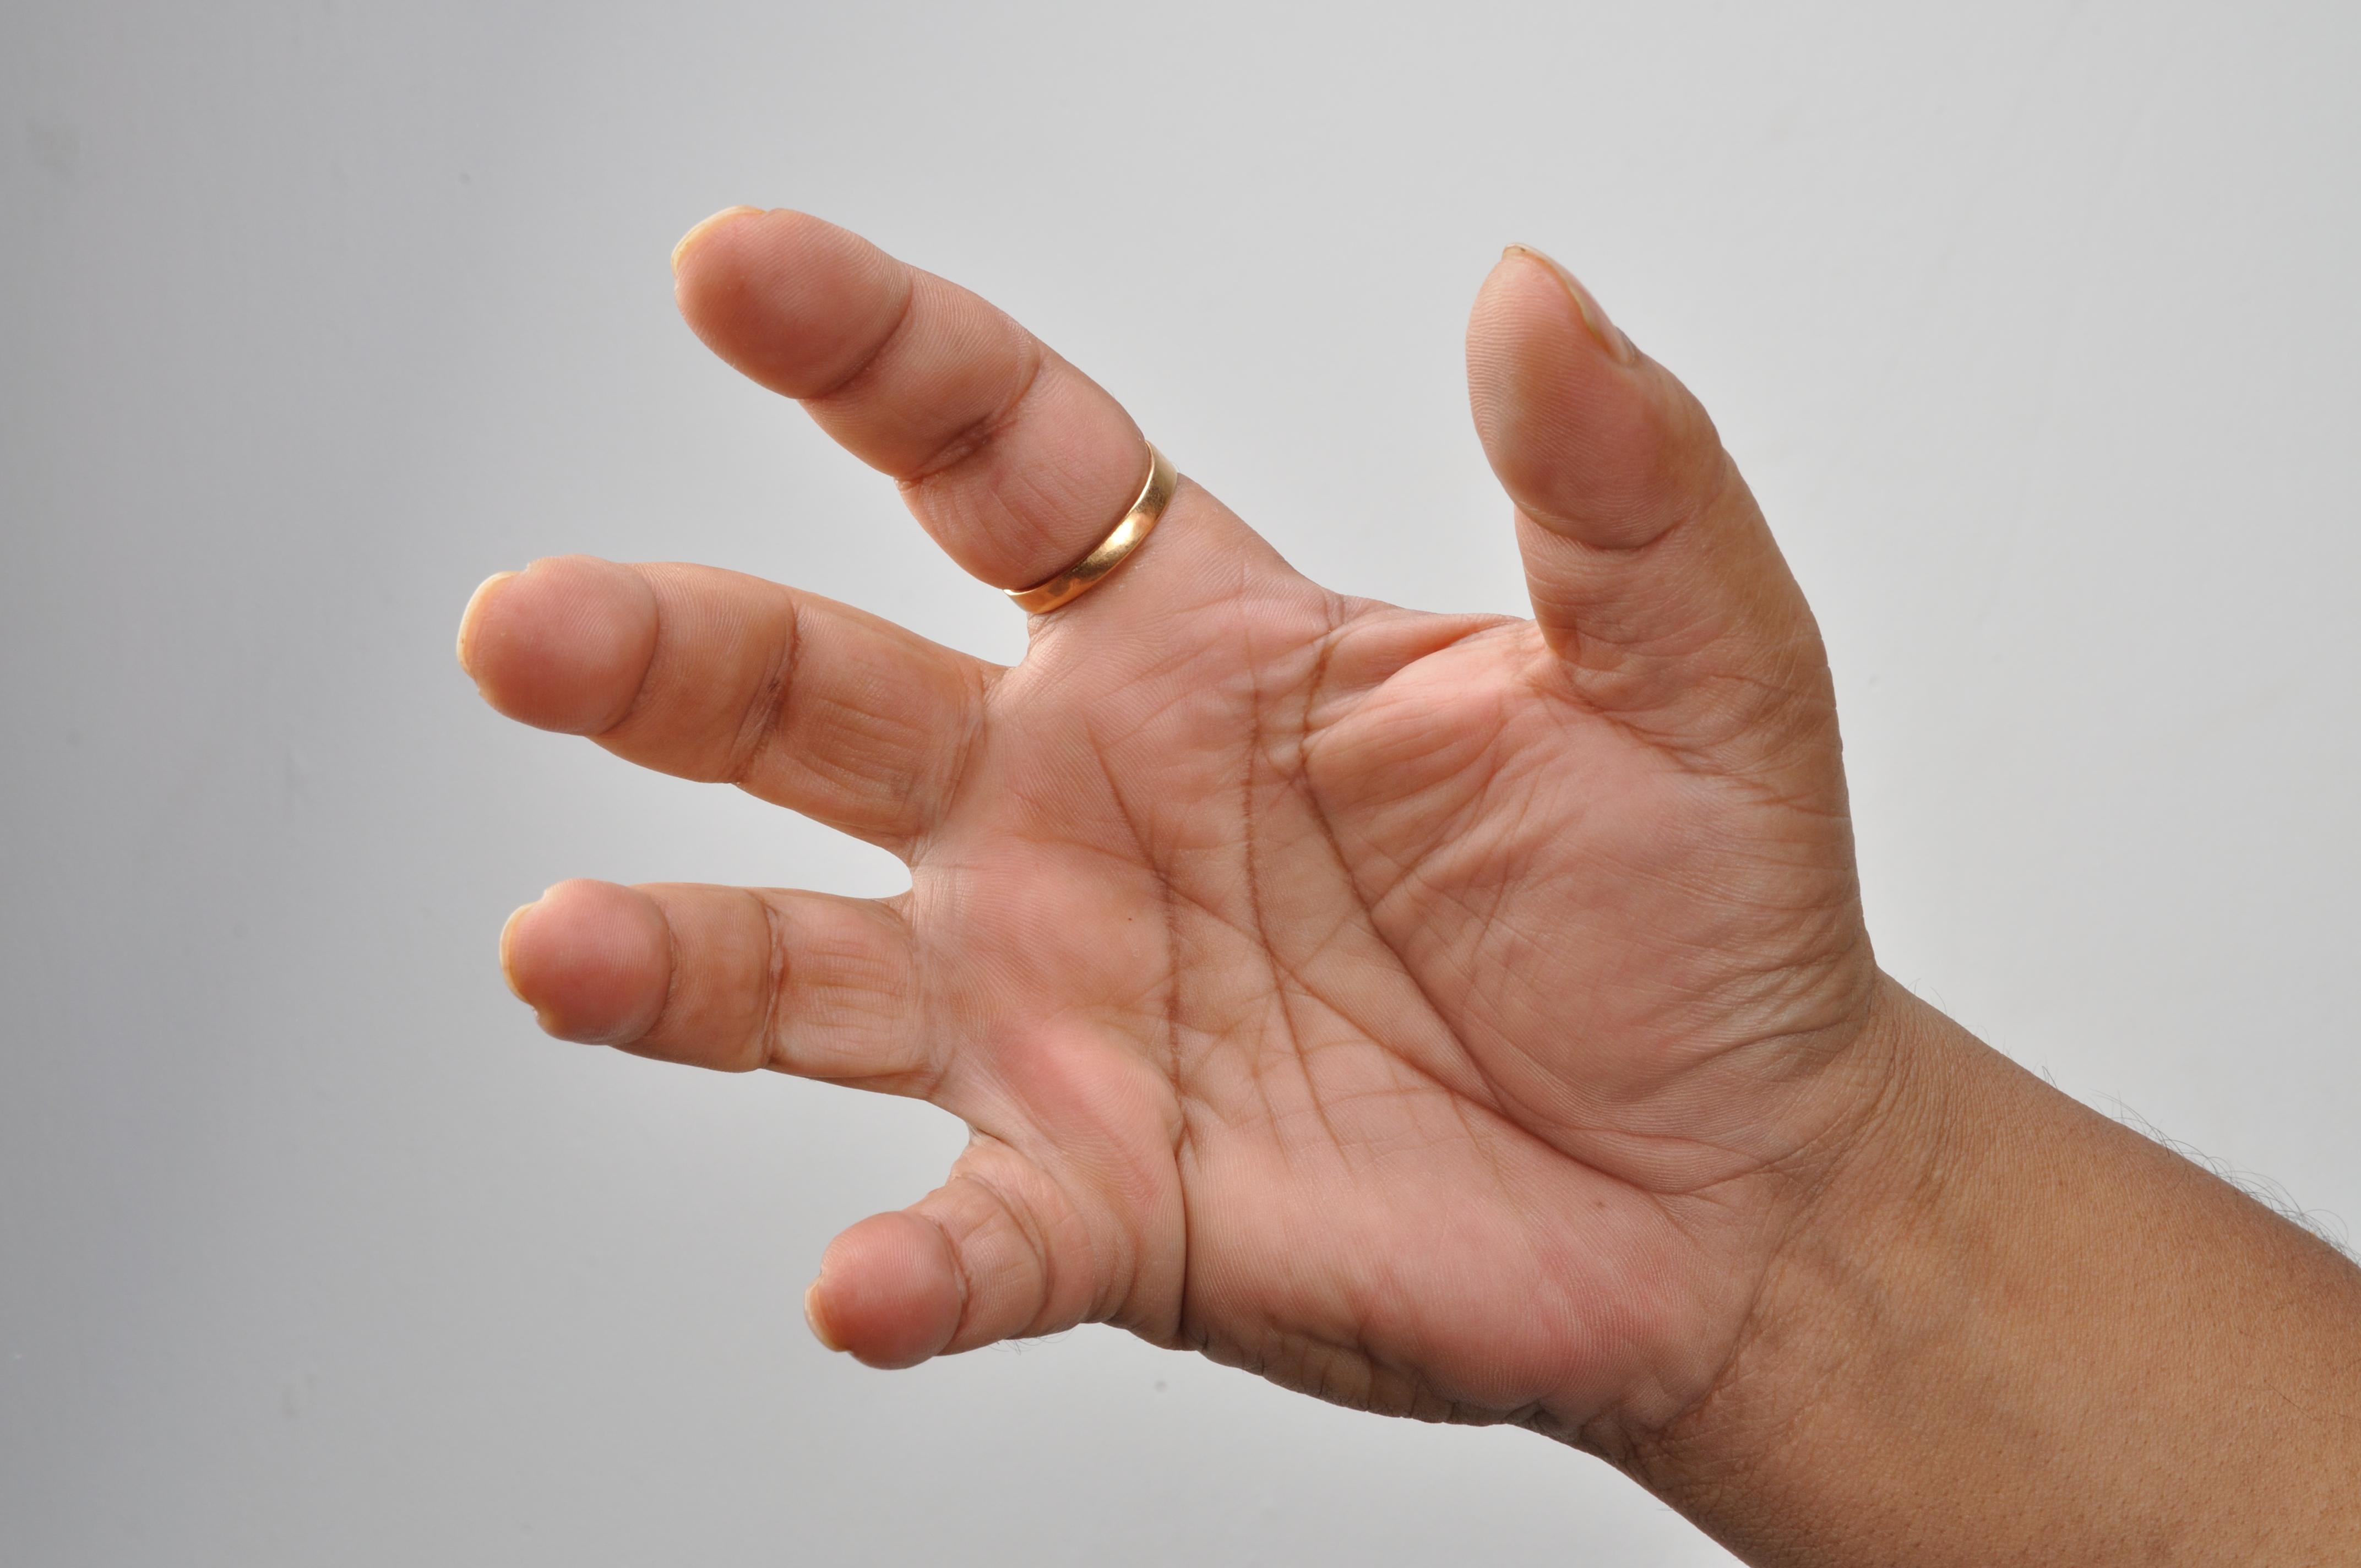 براعة يد الإنسان